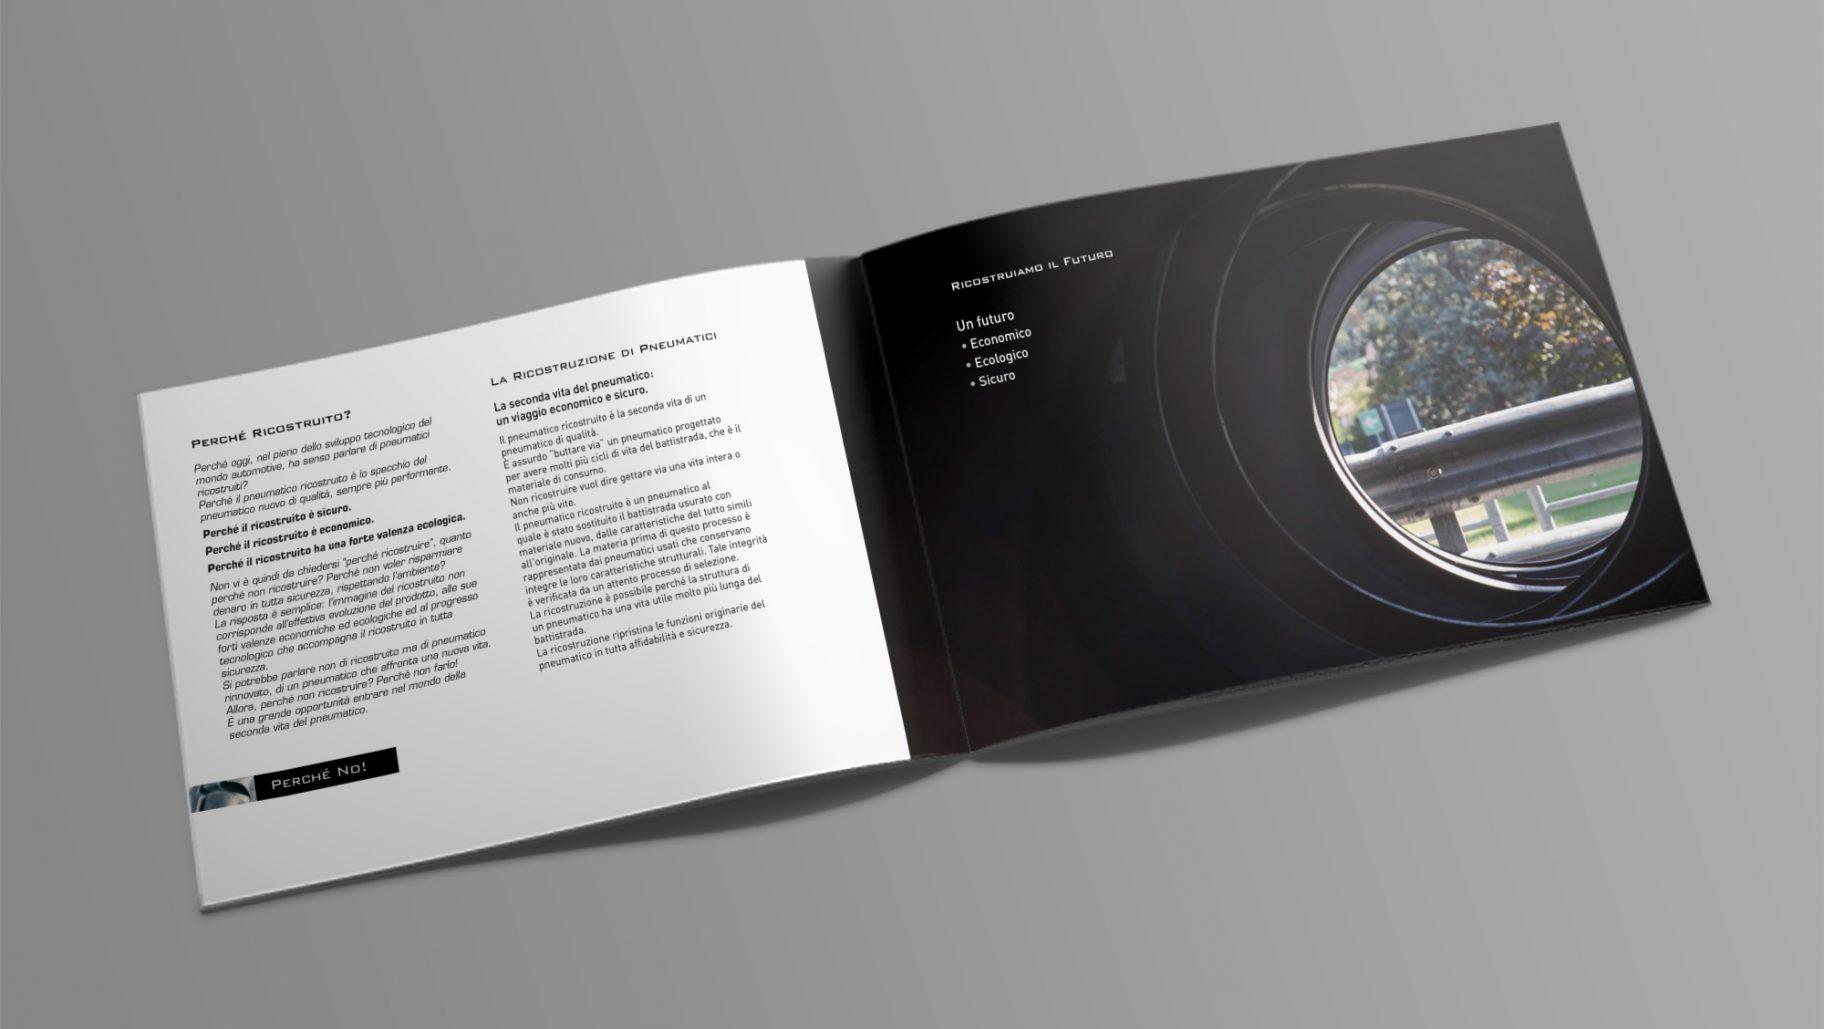 AIRP Pneumatici Ricostruiti 2011-brochure-02